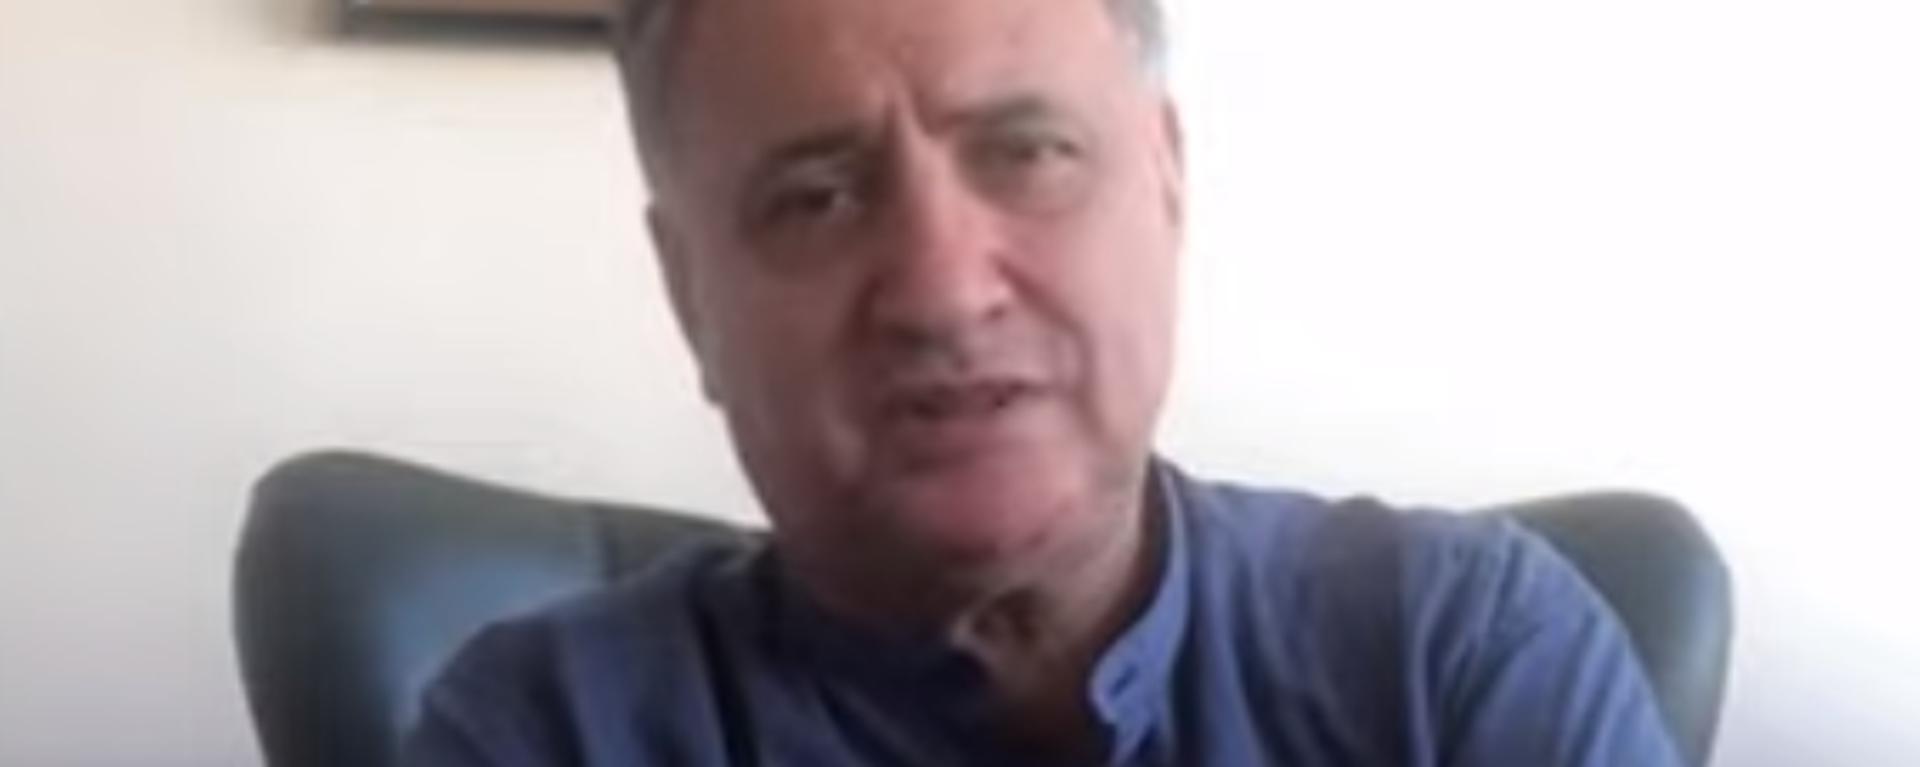 Багдасаров: ЦРУ получает деньги за счет наркотрафика из Афганистана - Sputnik Узбекистан, 1920, 07.07.2021